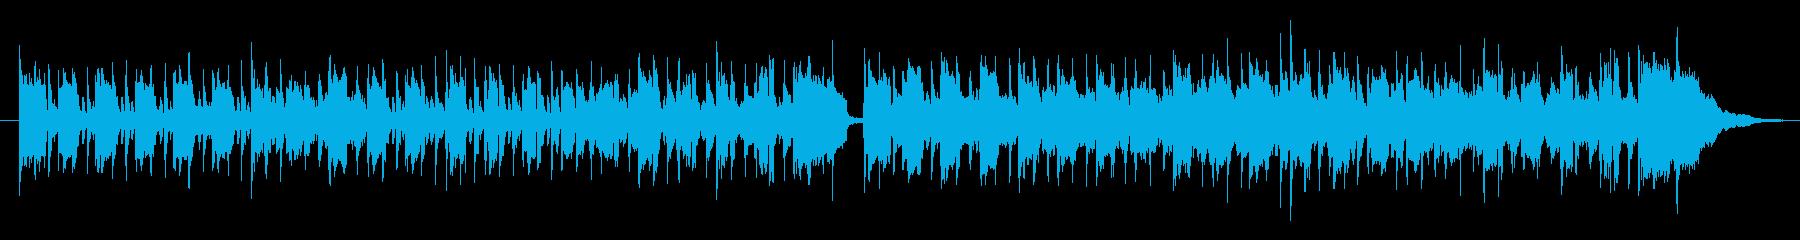 ふわふわ感がある軽快でコミカルな曲の再生済みの波形